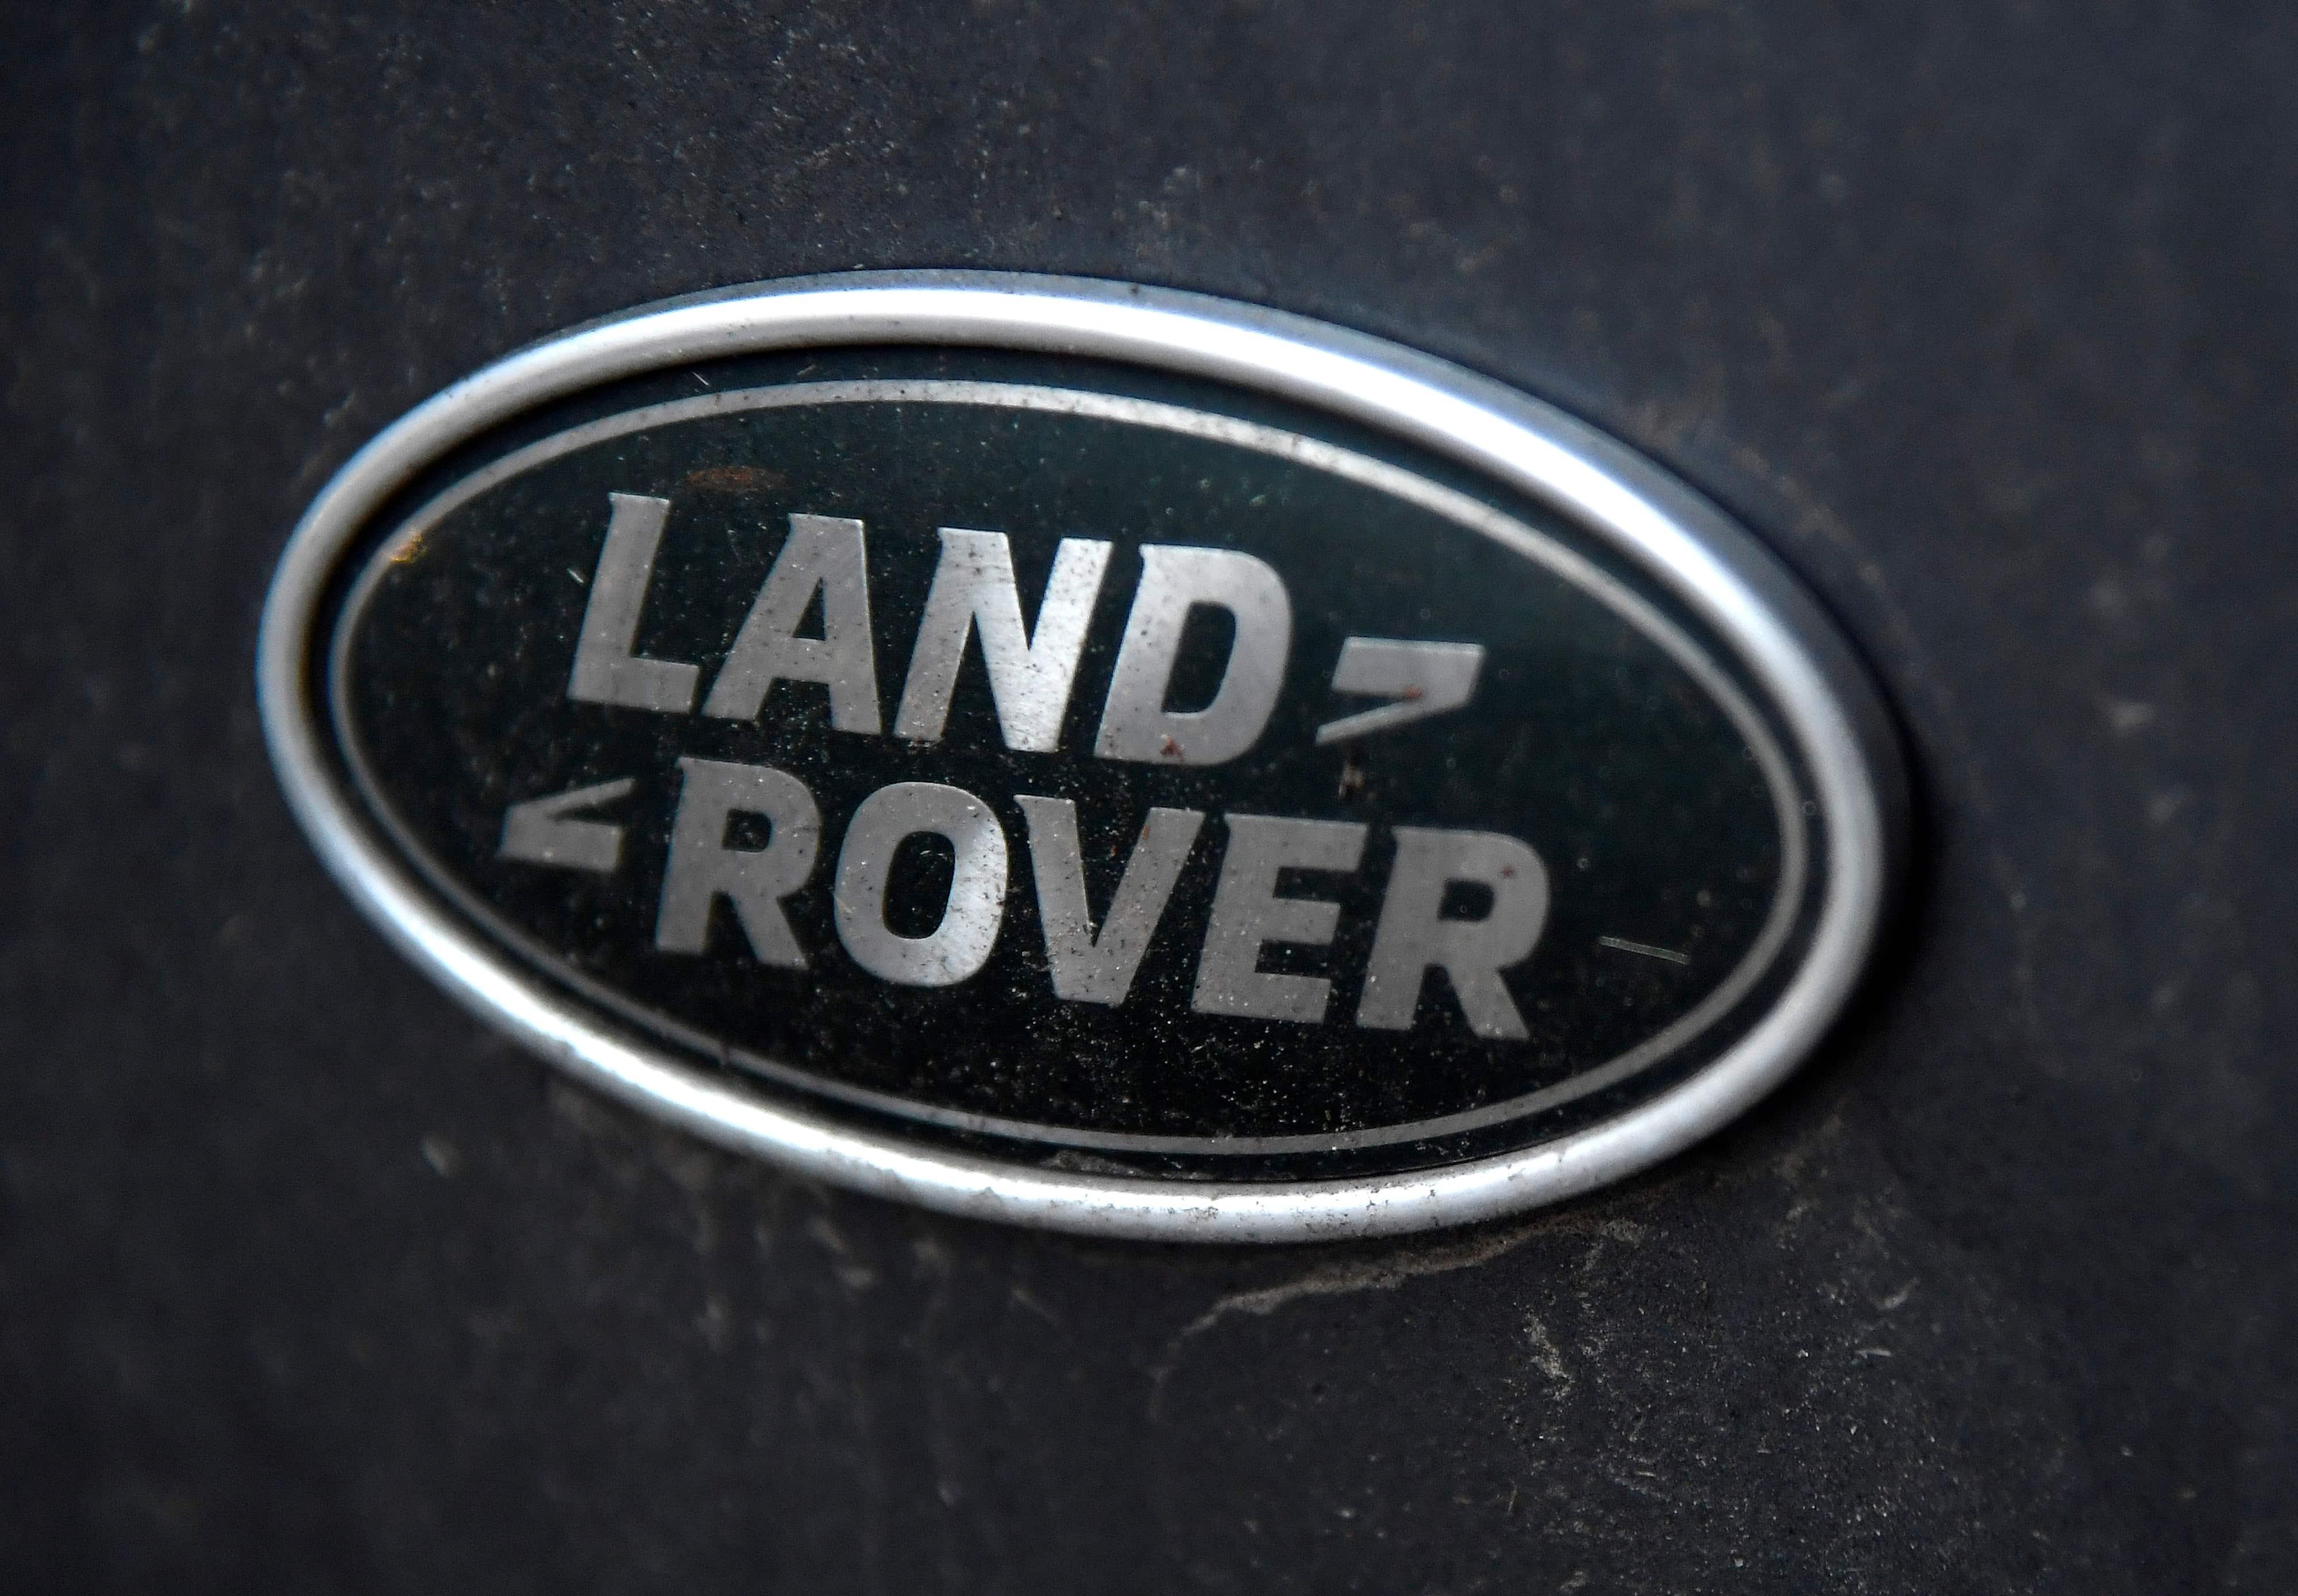 jaguar land rover - photo #6